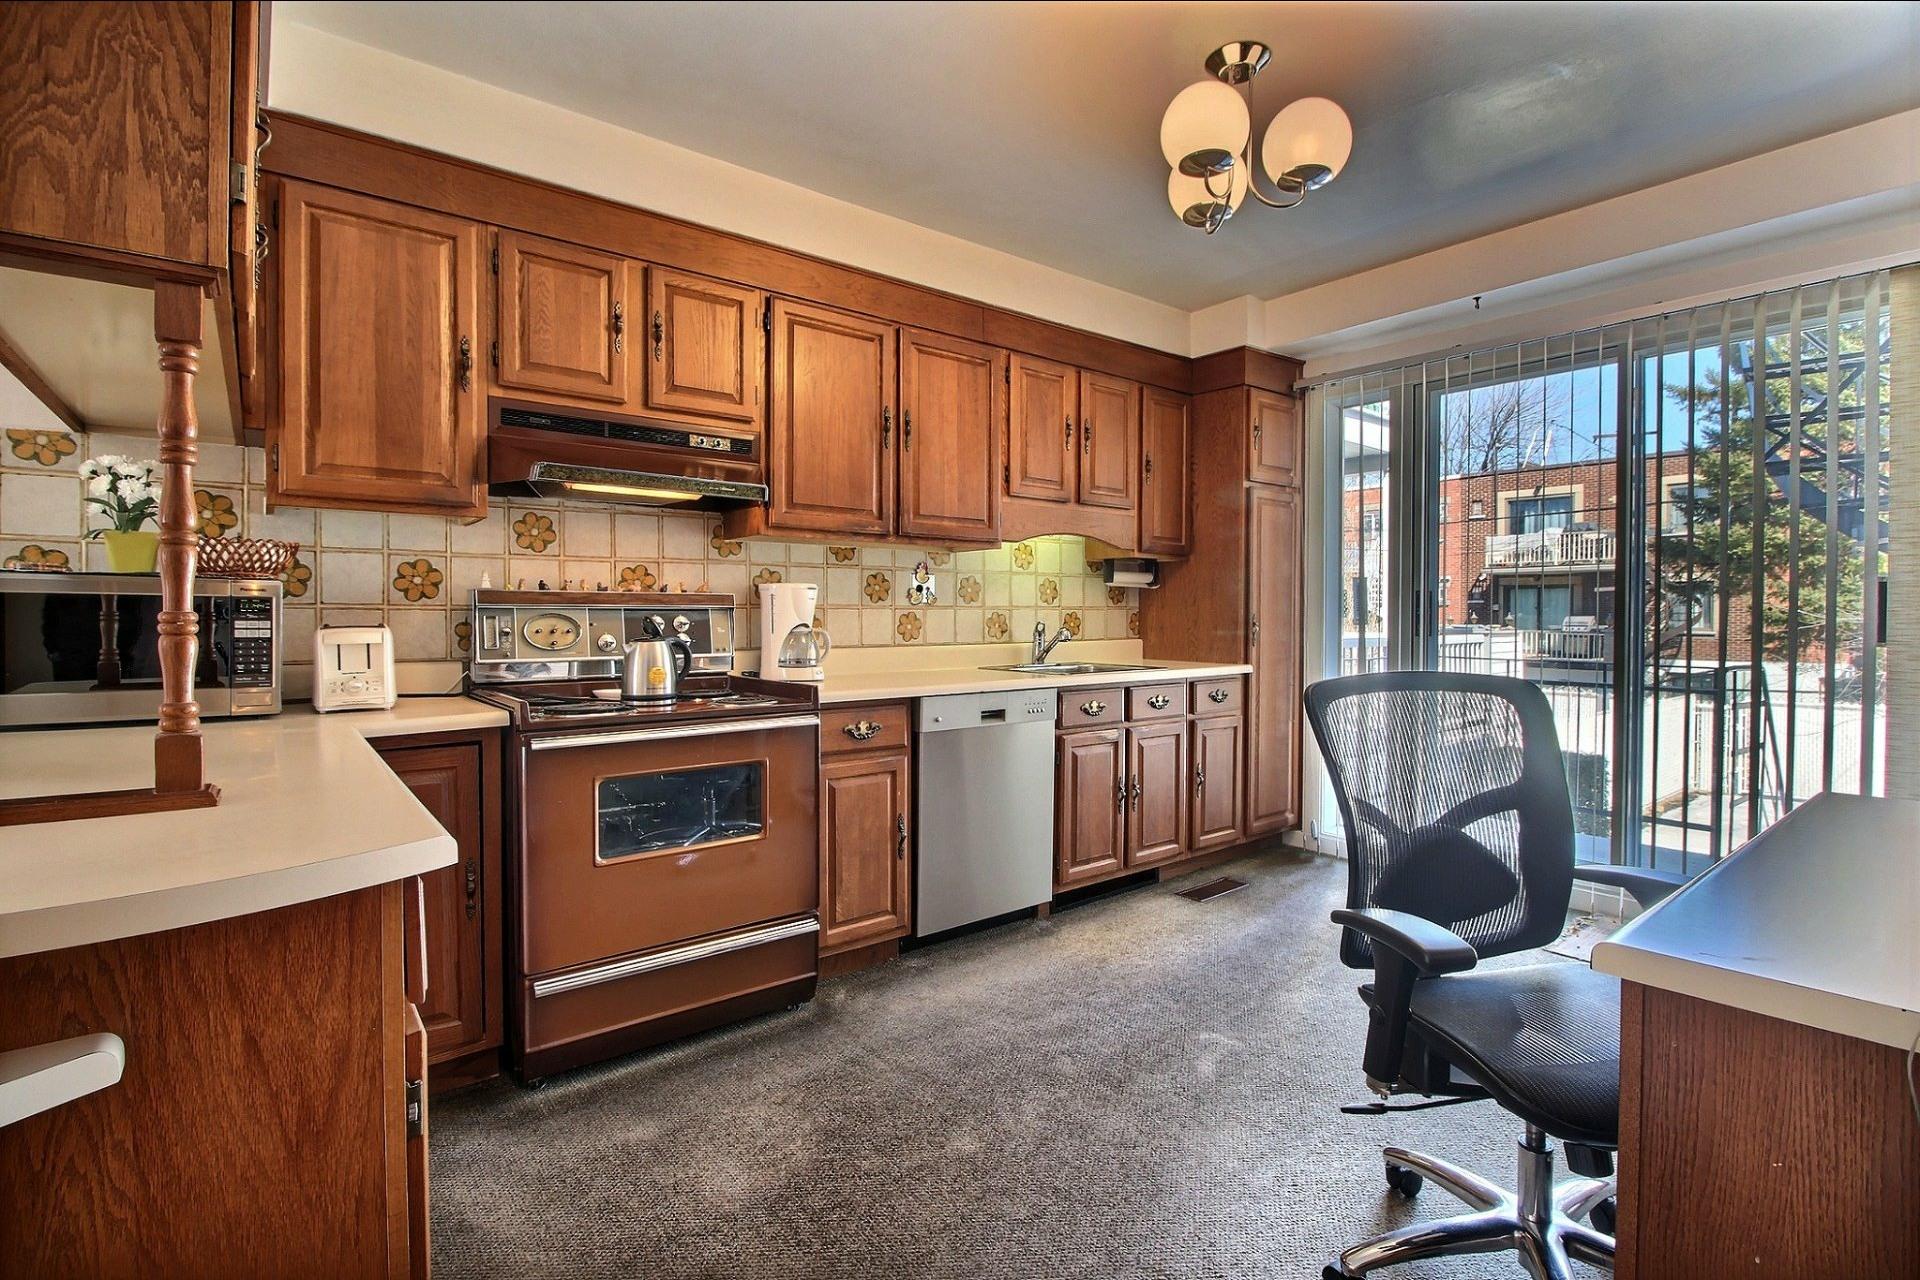 image 7 - Duplex For sale Montréal Rivière-des-Prairies/Pointe-aux-Trembles  - 6 rooms